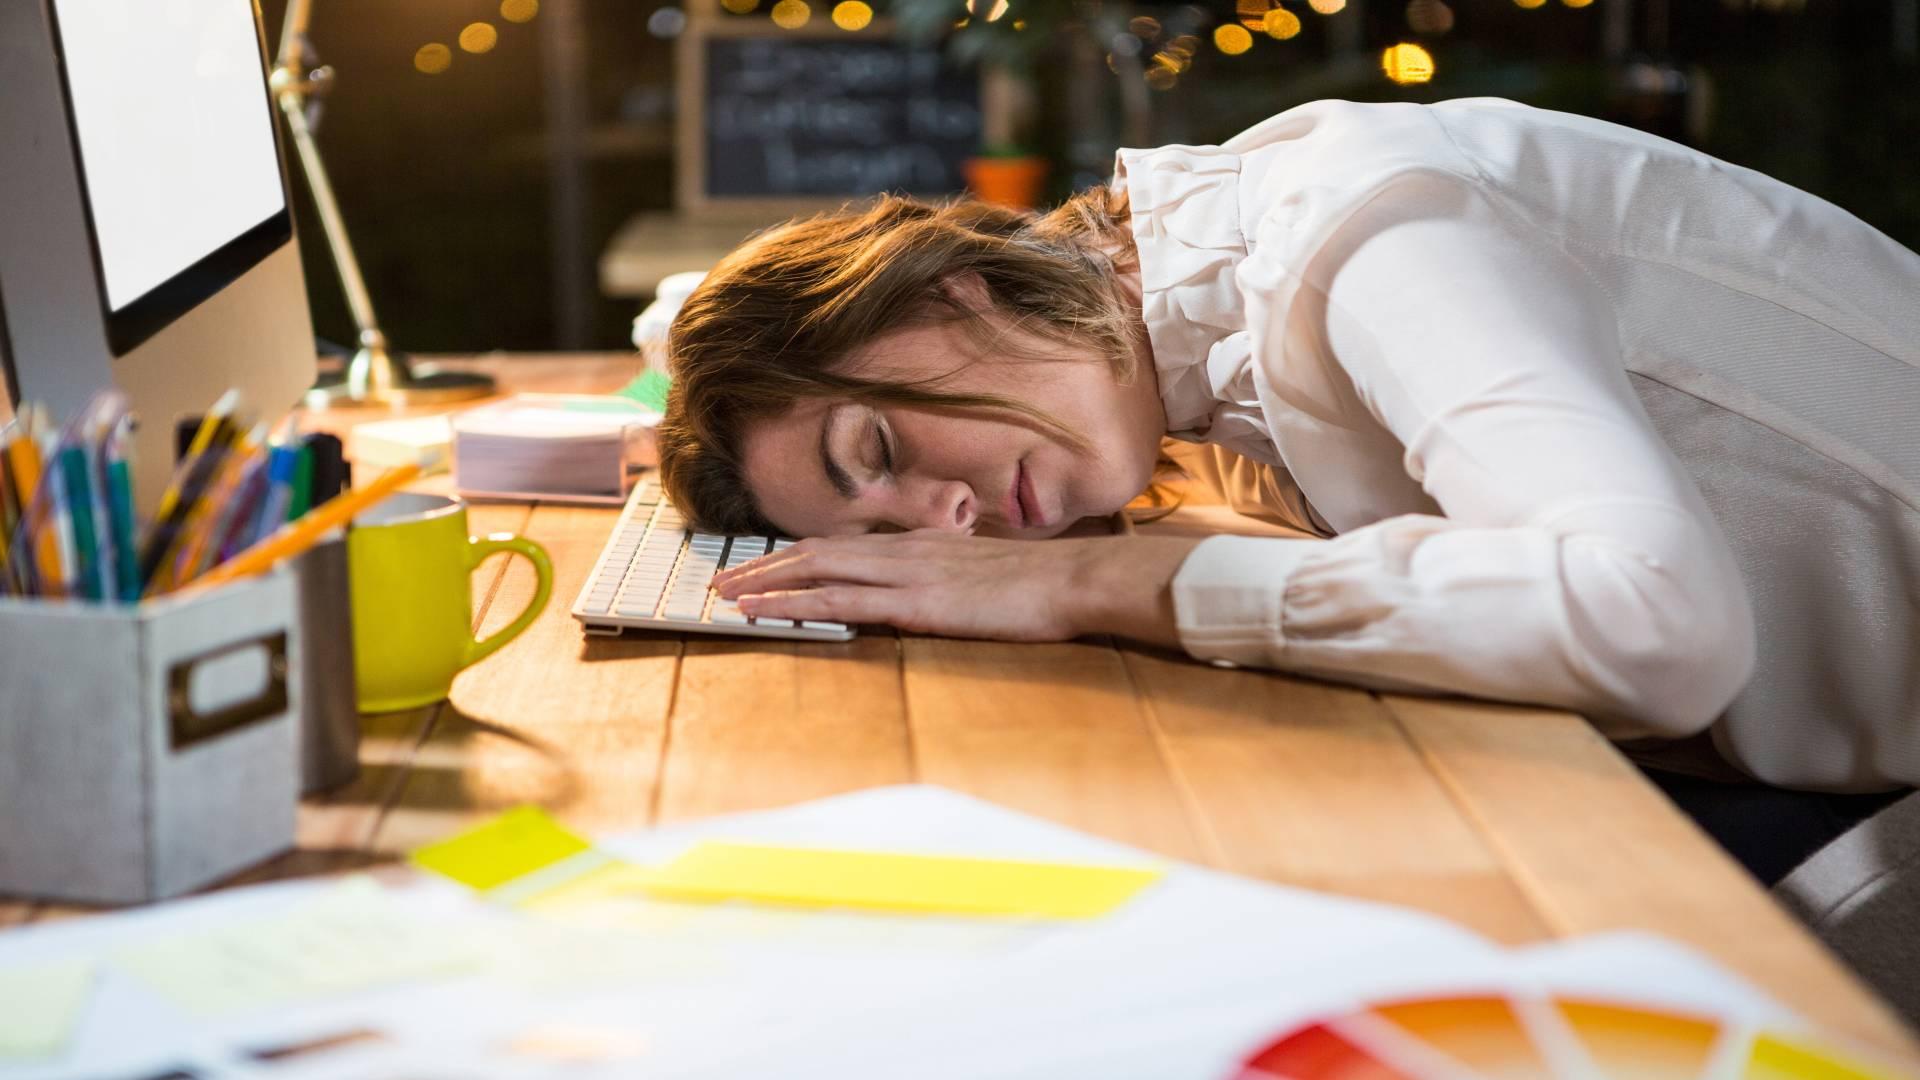 stres zmeczenie przepracowanie przyczyny bezsennosci sauna